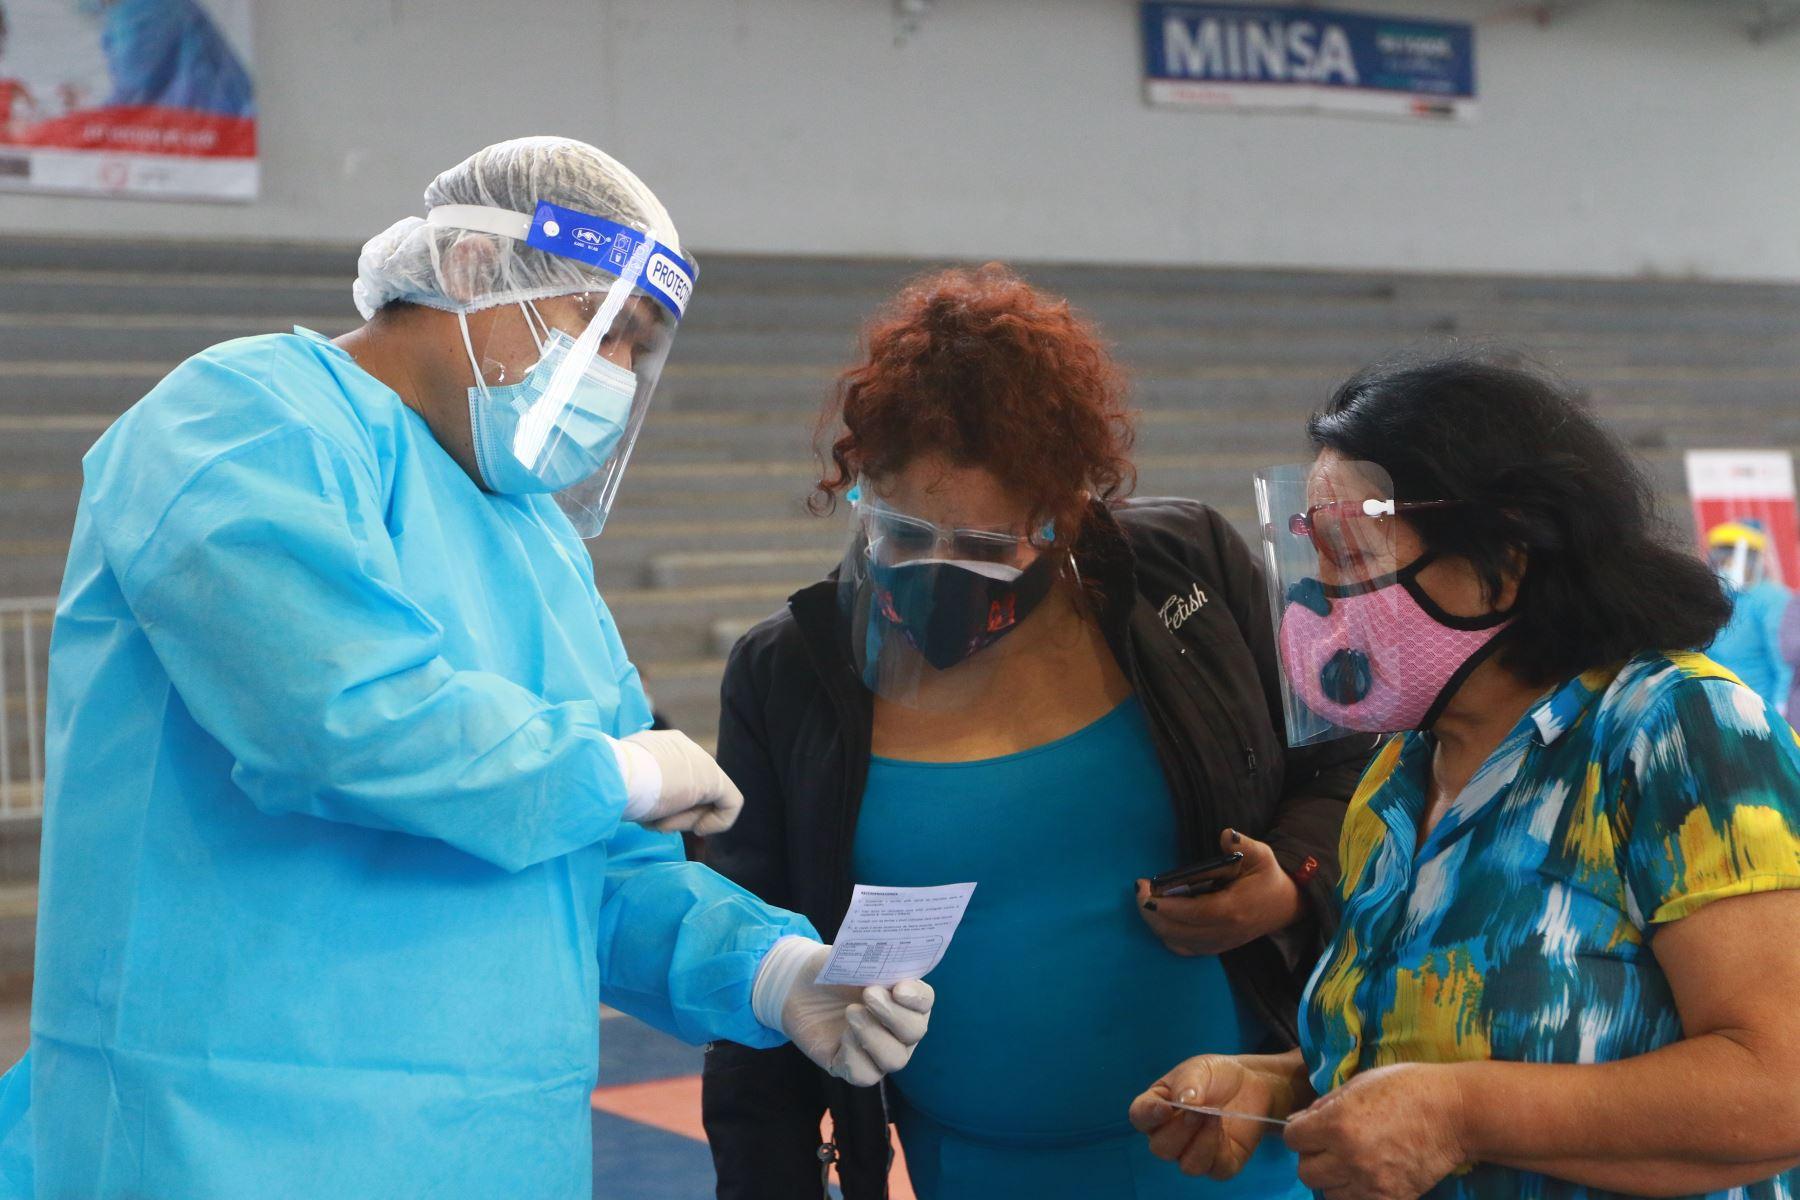 David Sánchez es enfermero vacunador de la Dirección de Redes Integradas de Salud (Diris) Lima Norte. El año pasado fue parte del comando covid-19 y, desde enero, es el coordinador del equipo de inmunizaciones. A las cinco de la mañana ya está en las instalaciones del colegio José Granda, de San Martín de Porres, desde donde se envían las brigadas de vacunación anticovid-19 hacia los puntos de vacunación de 9 distritos de Lima. Foto: ANDINA/Jhonel Rodríguez Robles